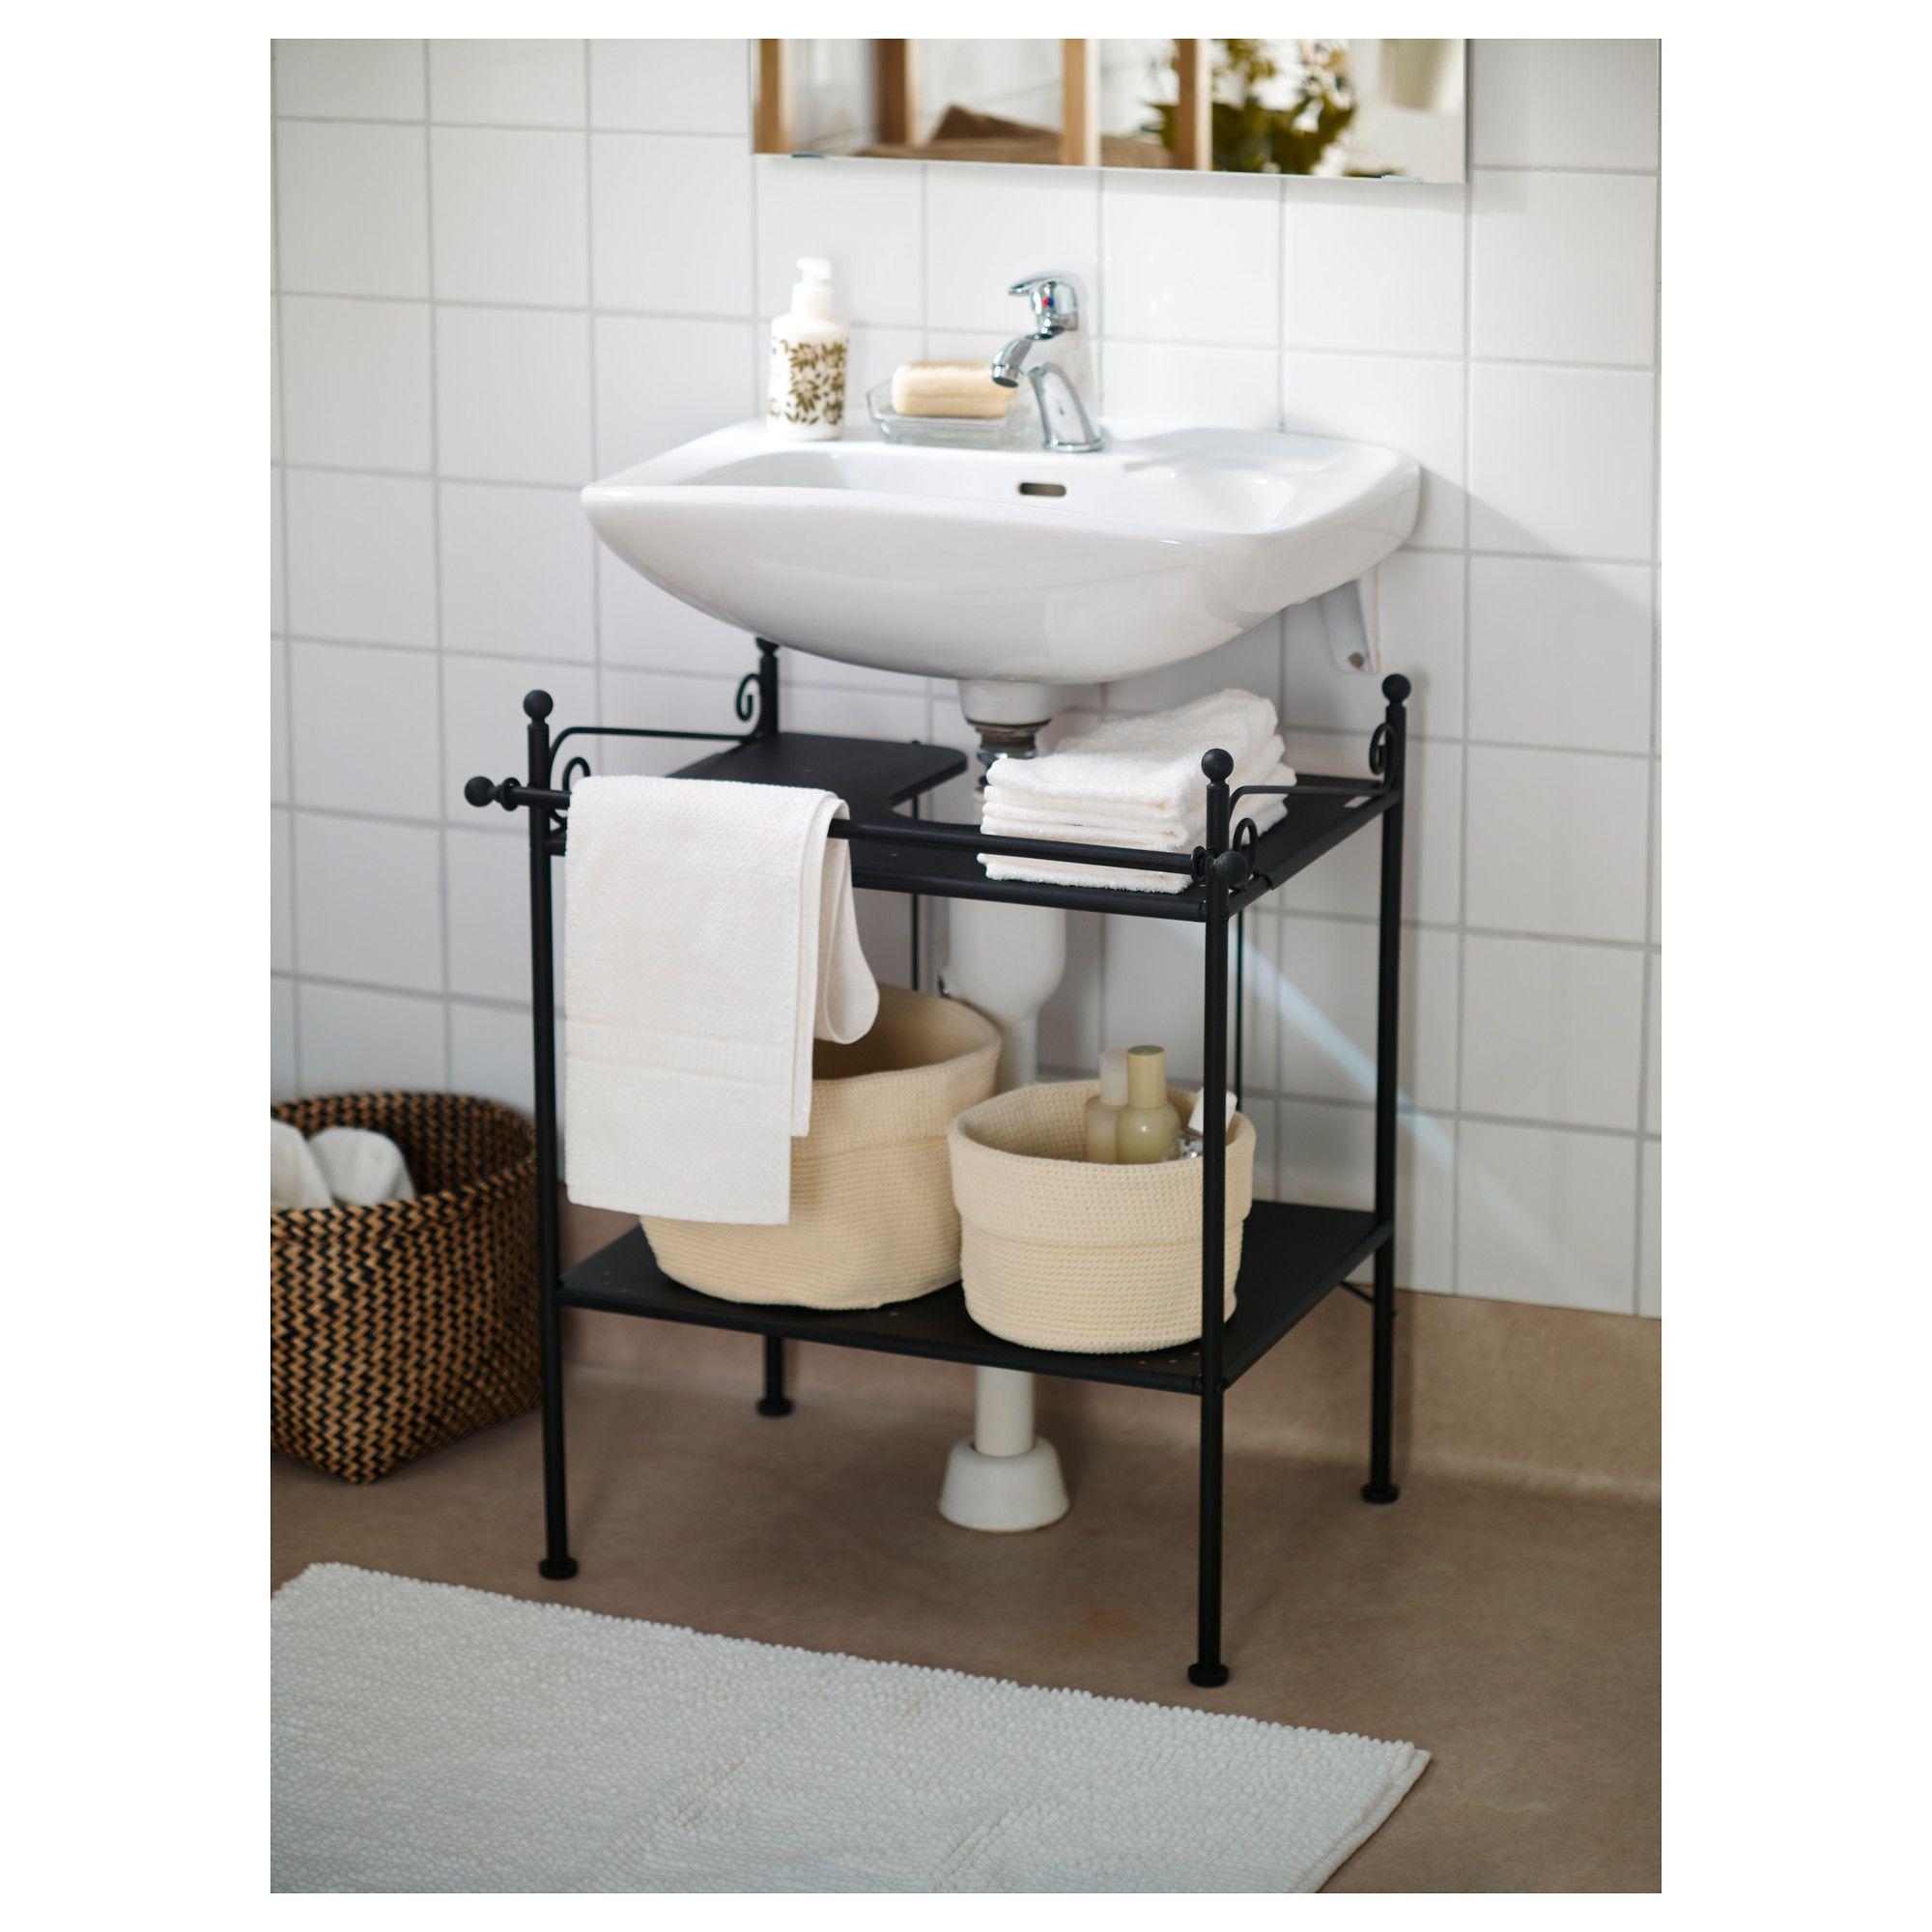 under kitchen sink storage interactive design ronnskar Ράφι νιπτήρα ikea ideas for the house